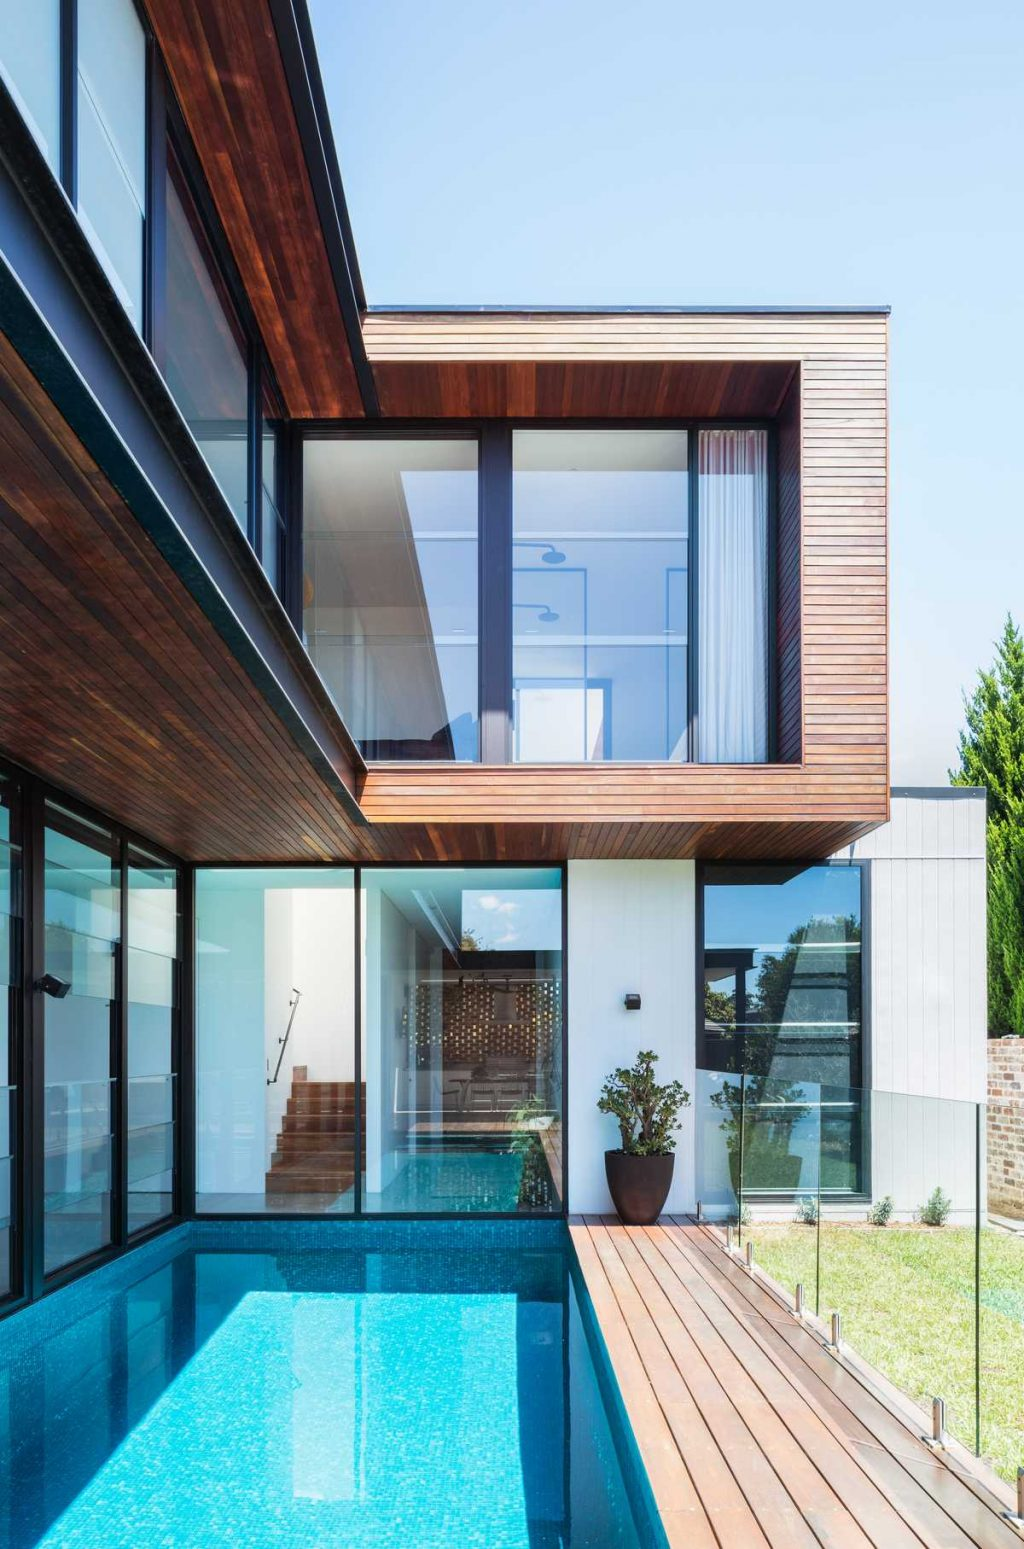 Preston House By Lot 1 design